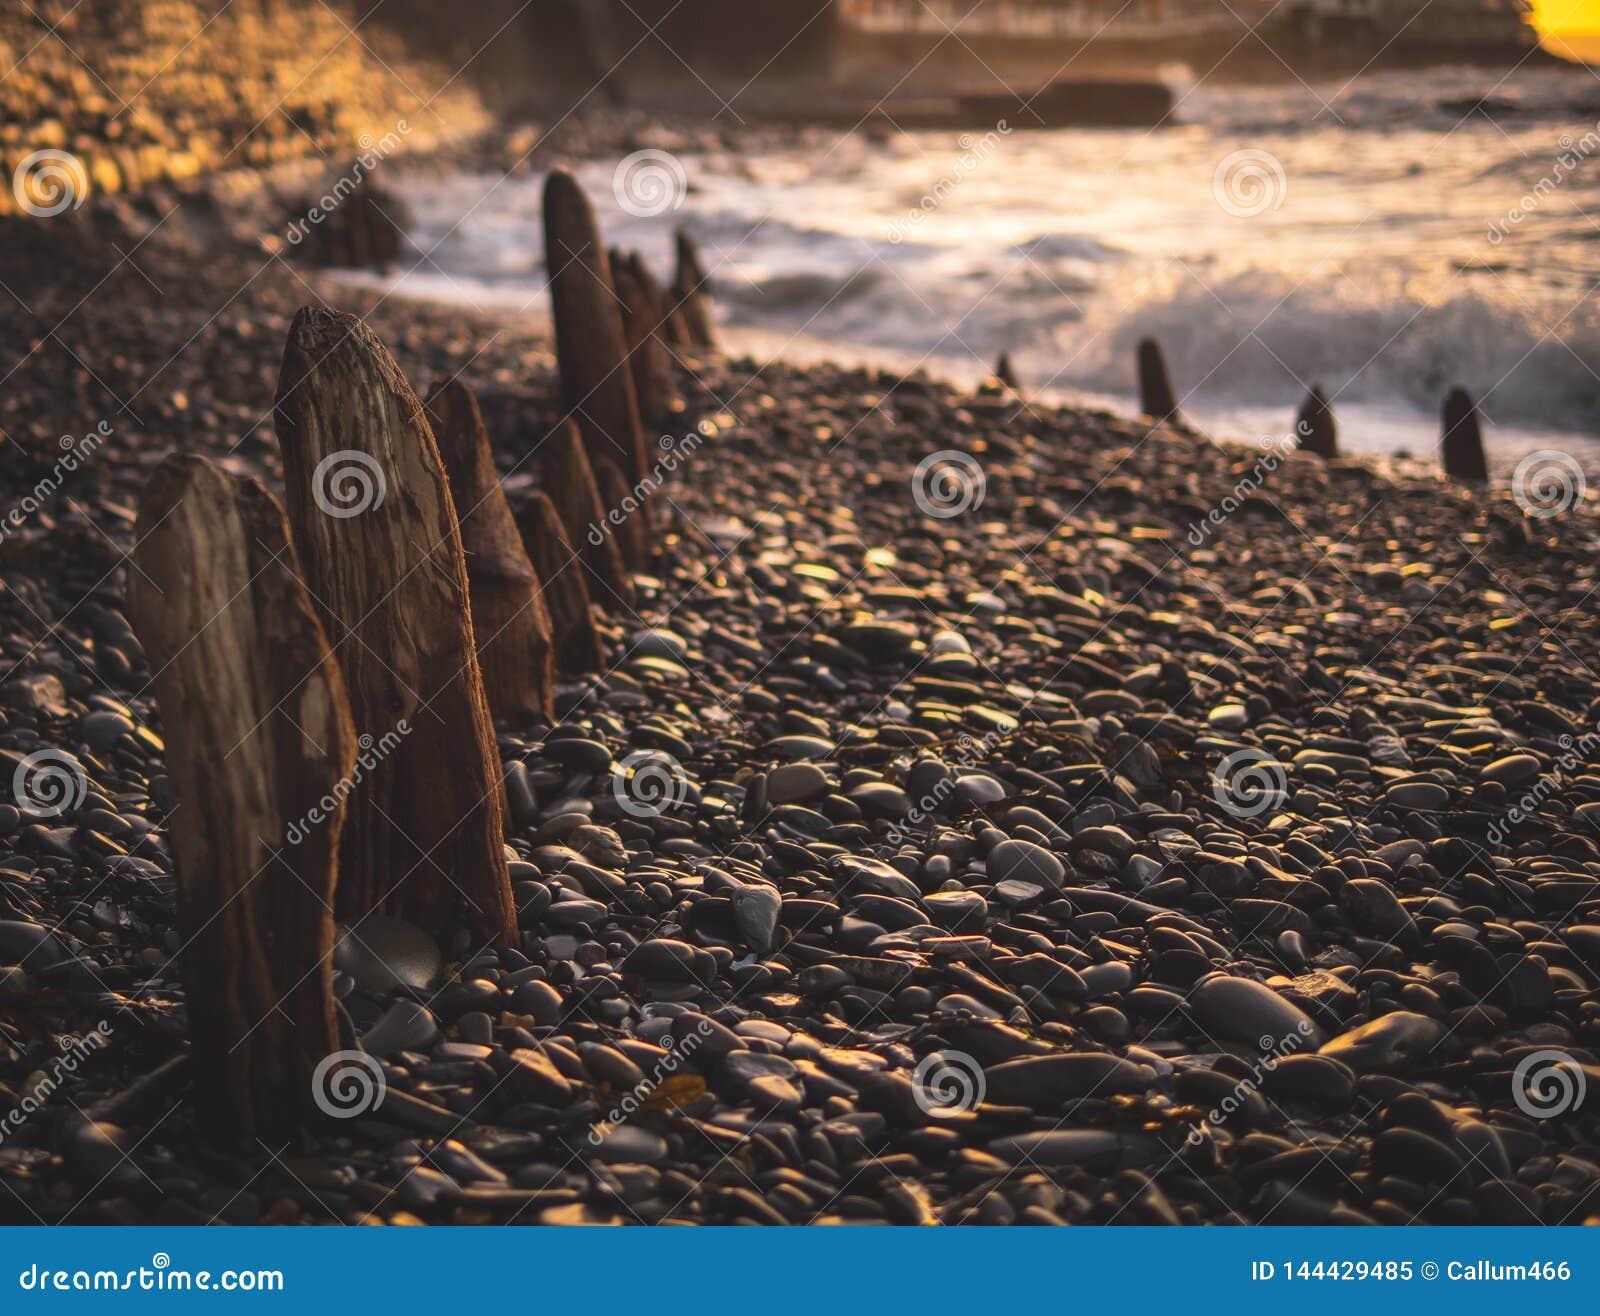 Frangiflutti del legname sepolto in ciottoli su una spiaggia britannica